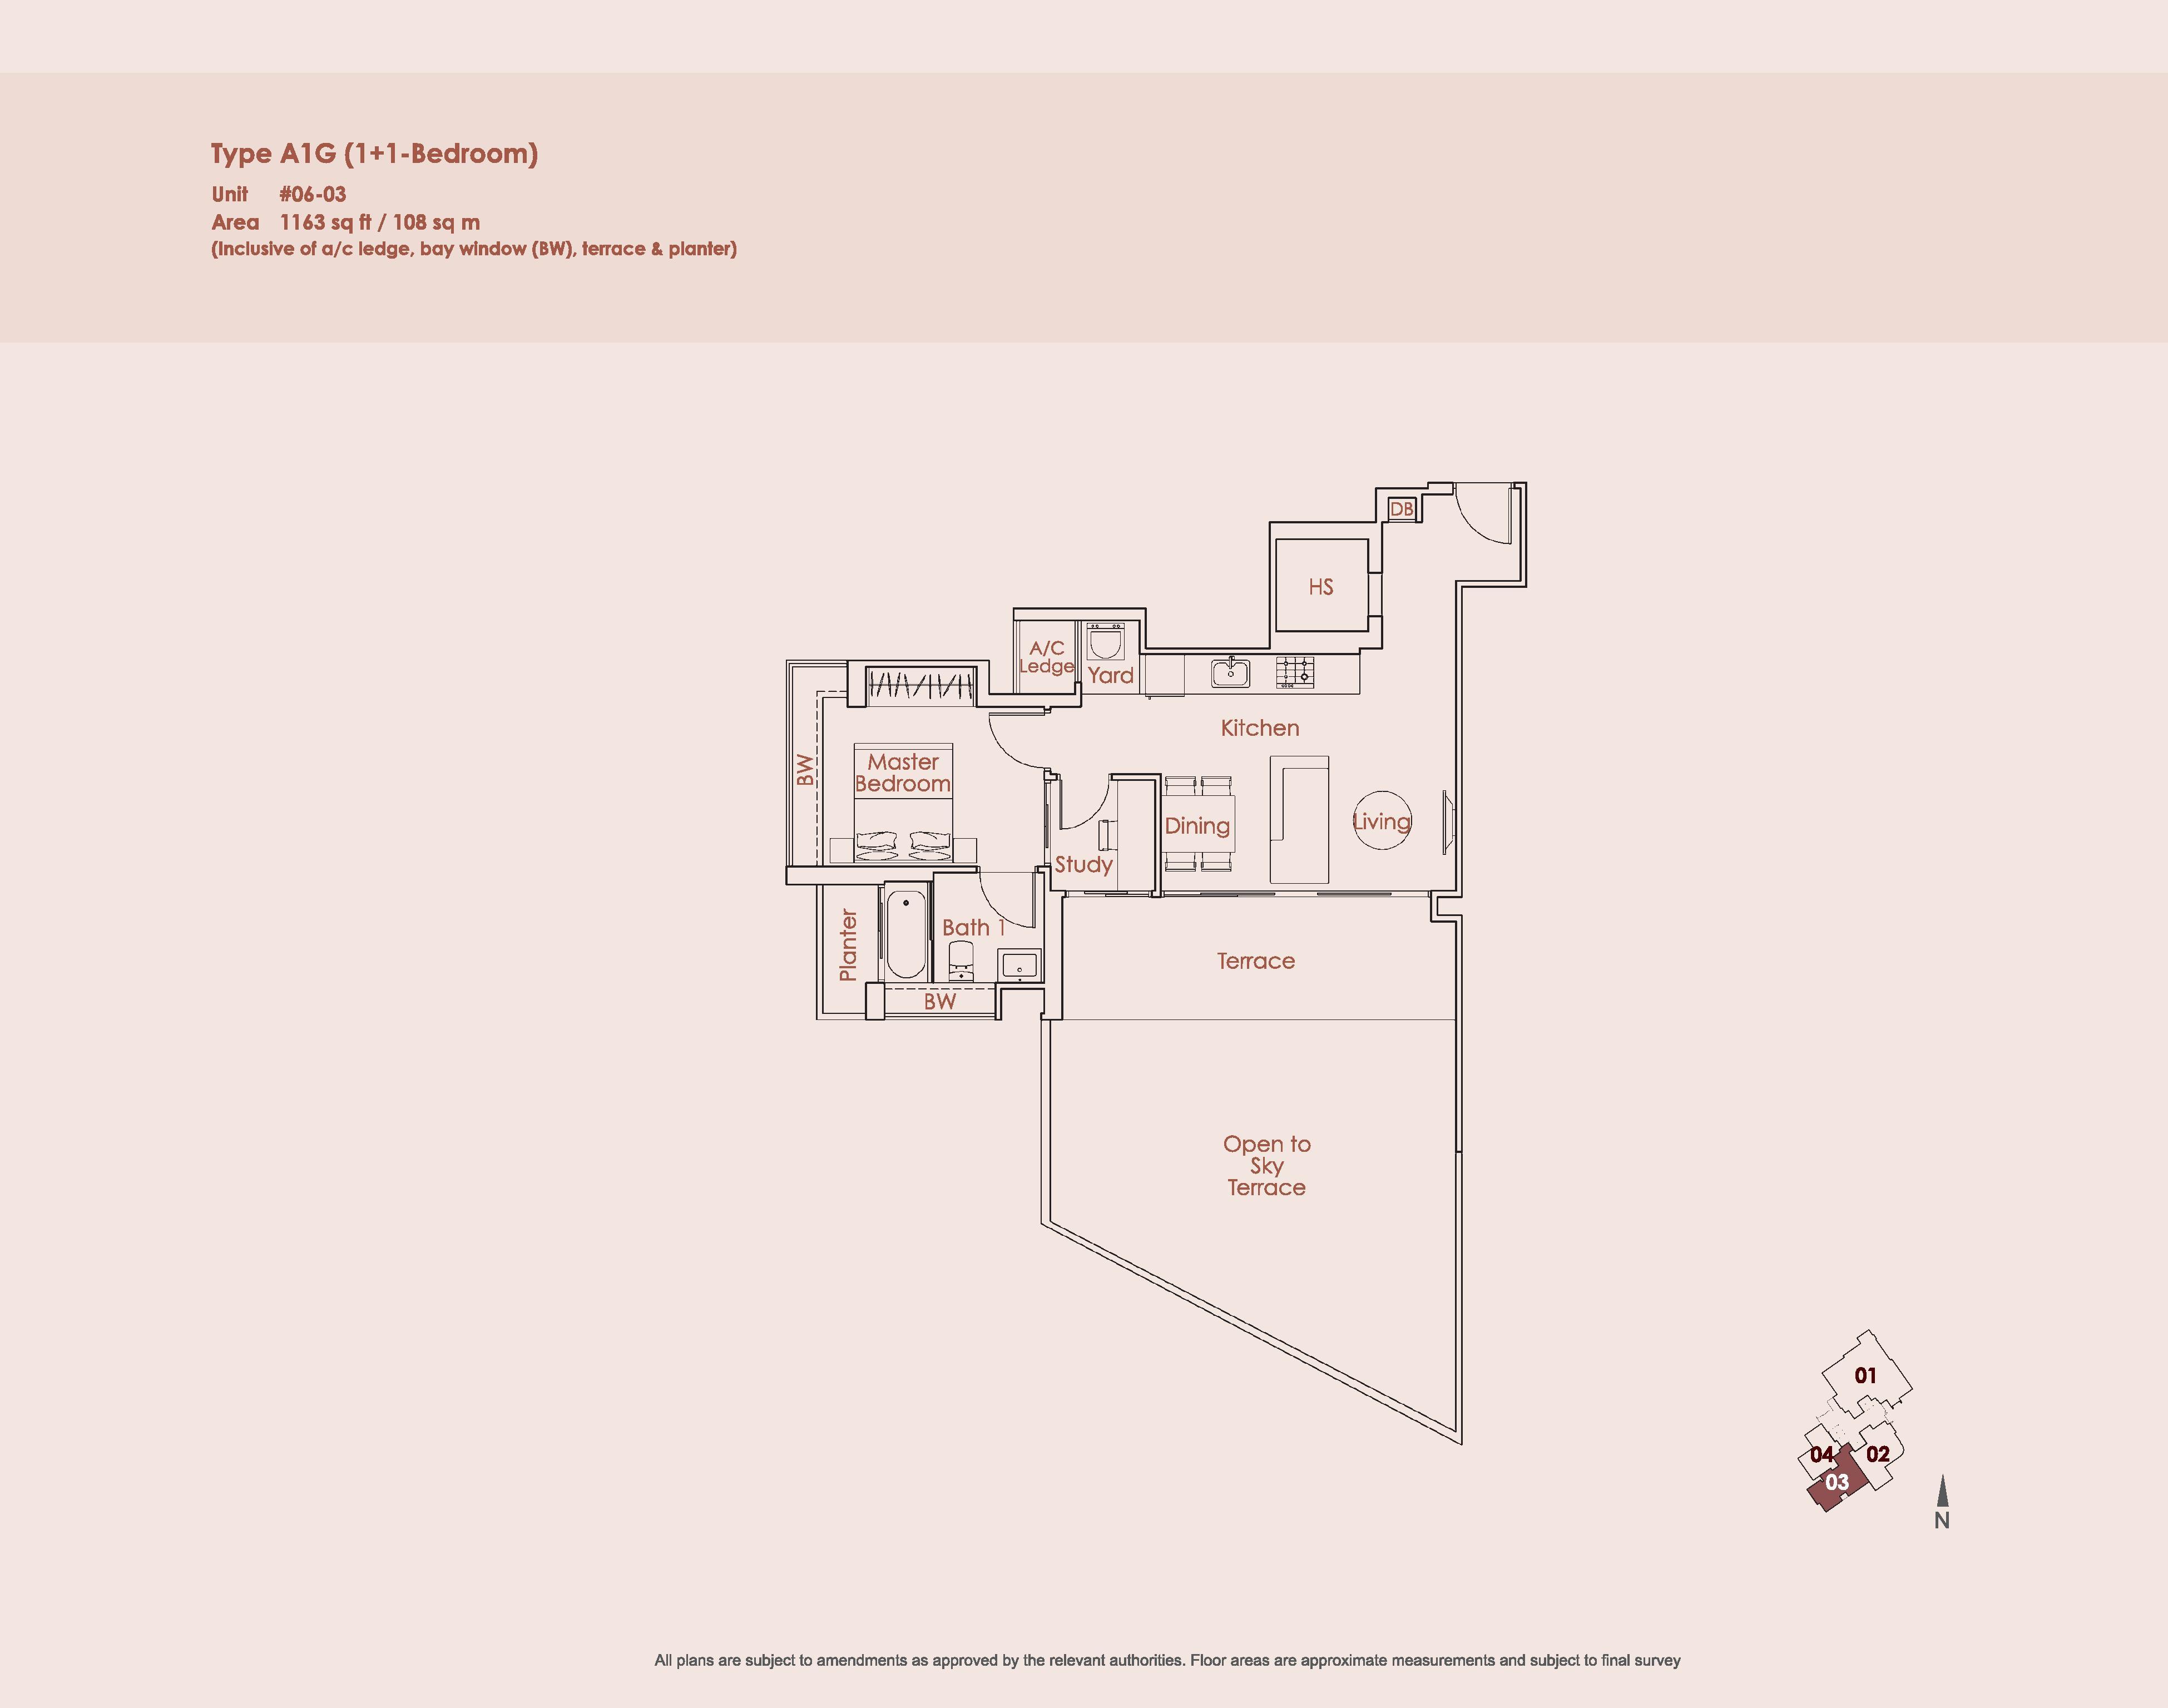 Starlight Suites Type A1G 1 Bedroom + Study Floor Plan